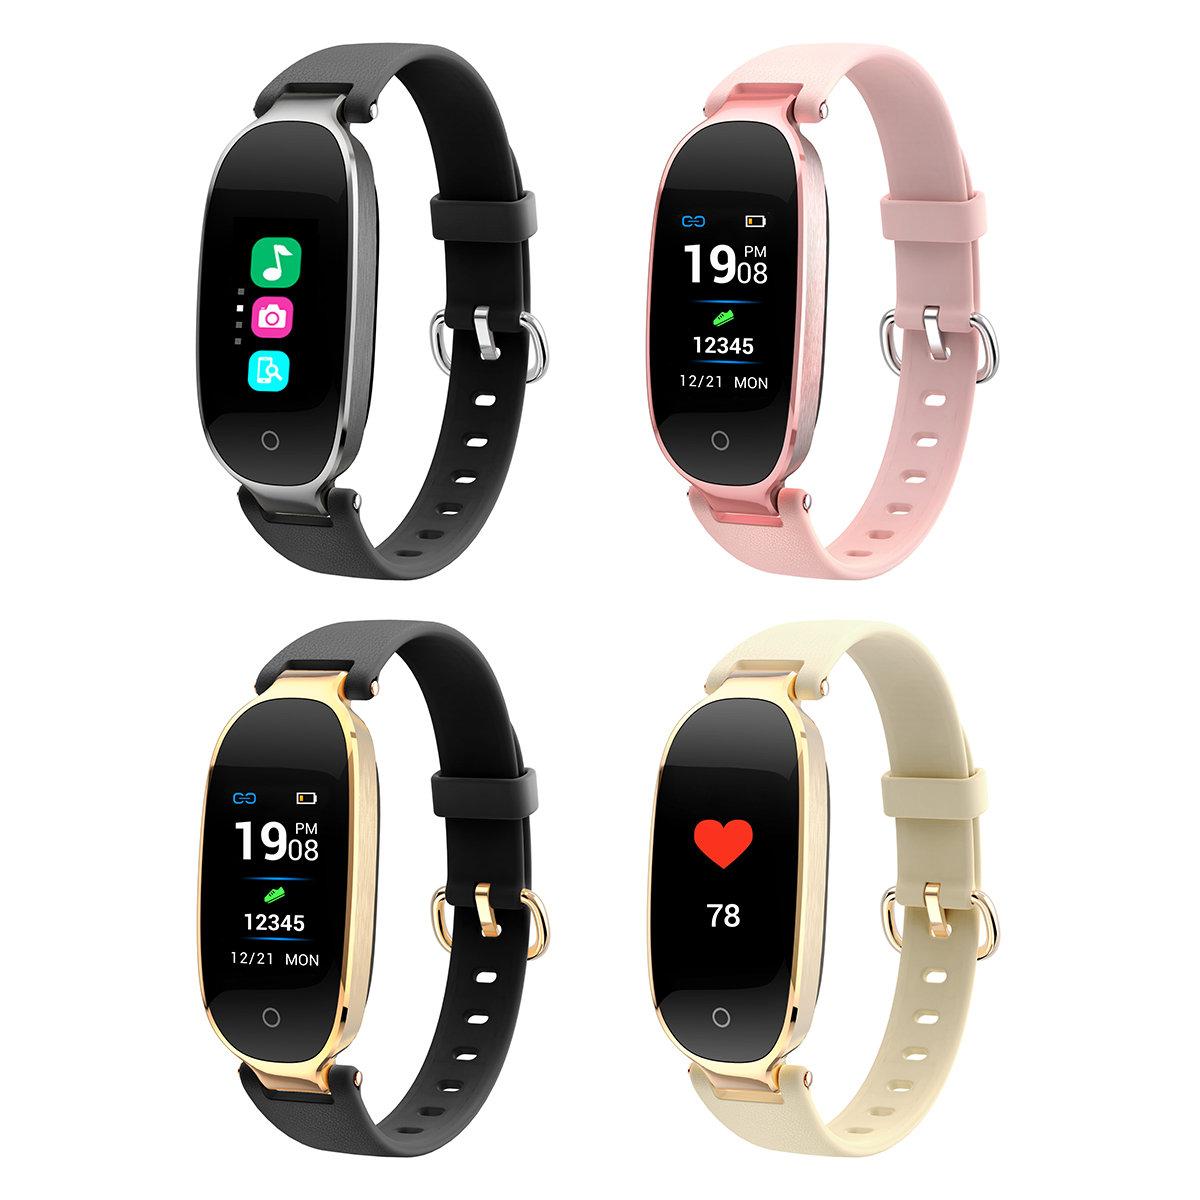 S3 Smart Heart Rate Watch Fashion Waterproof Bluetooth Sports Bracelet For Women Health Monitor